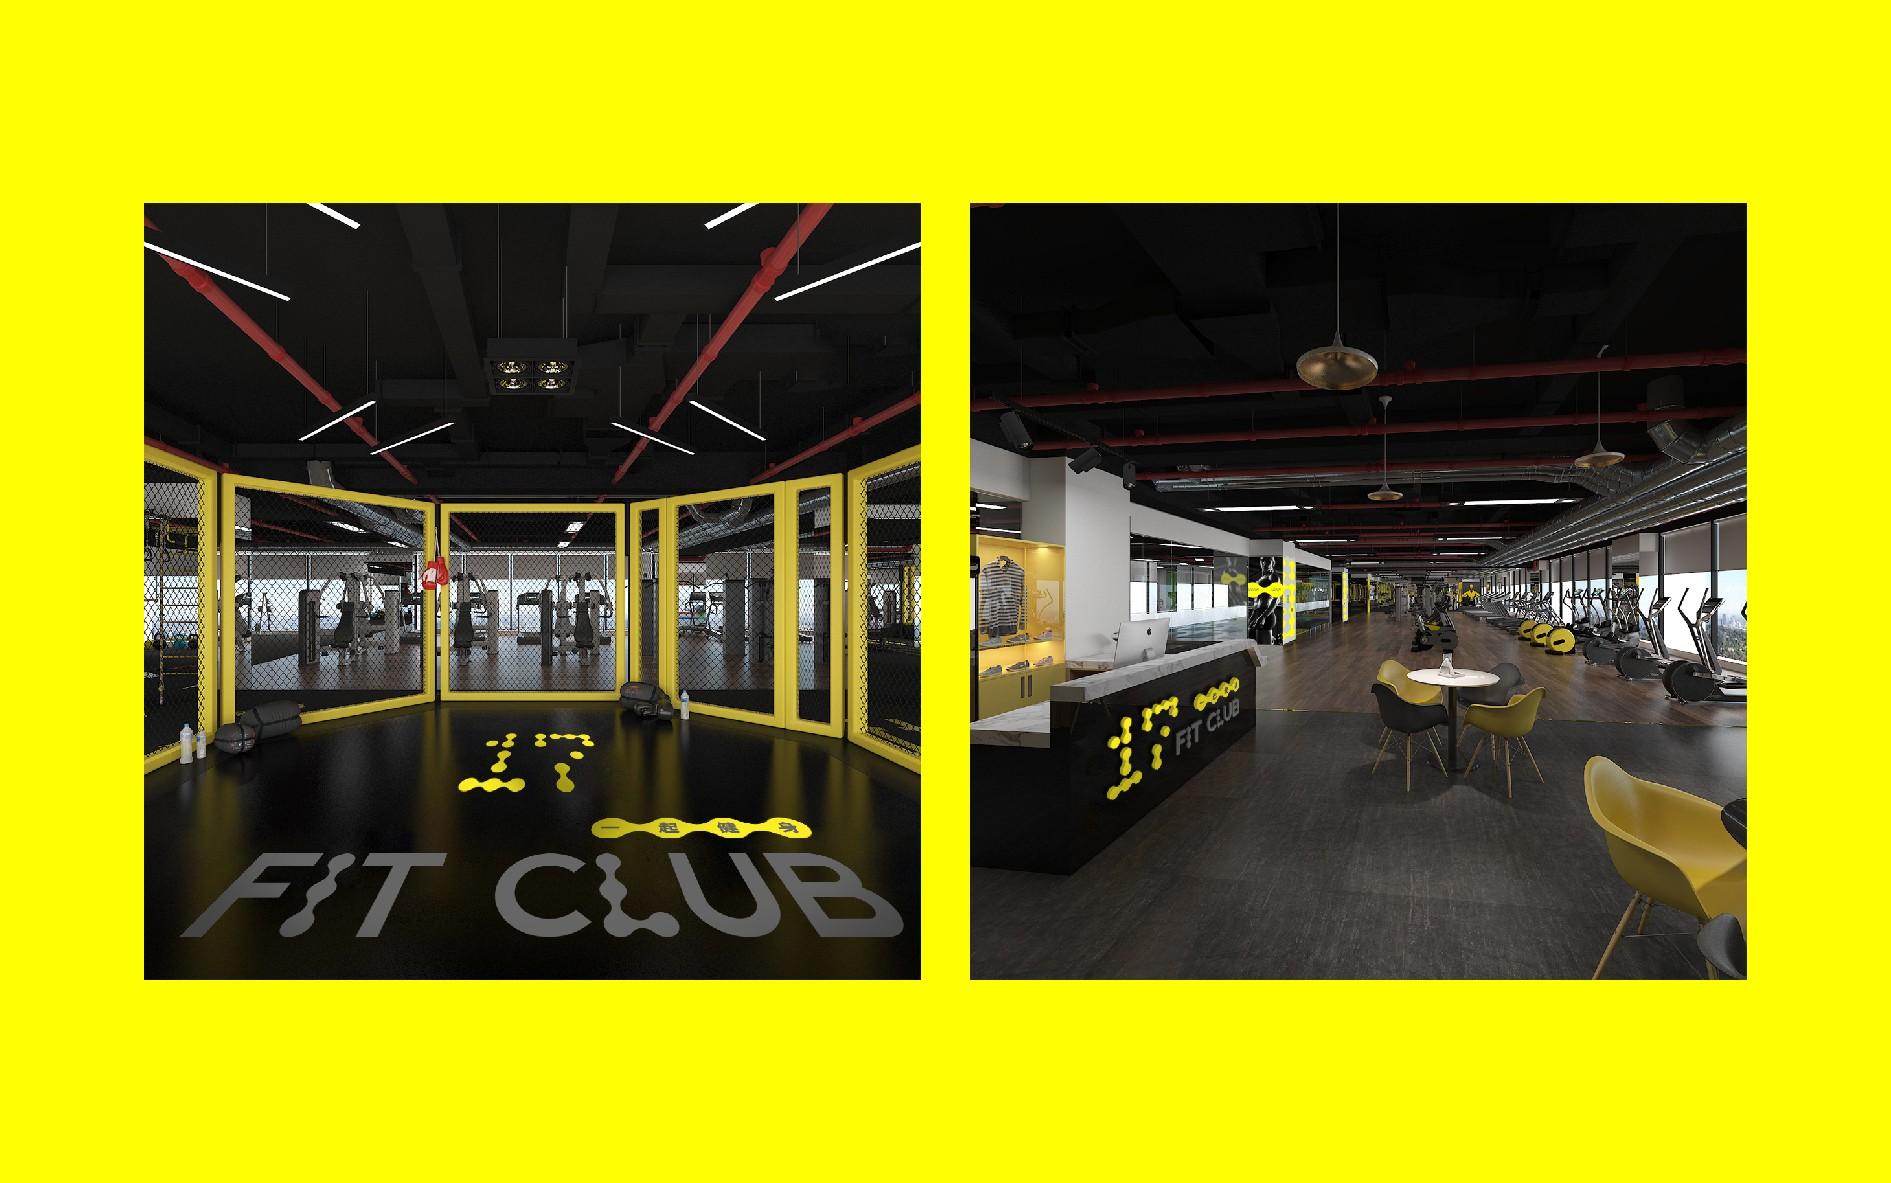 0102 17fit club案例整理1-26